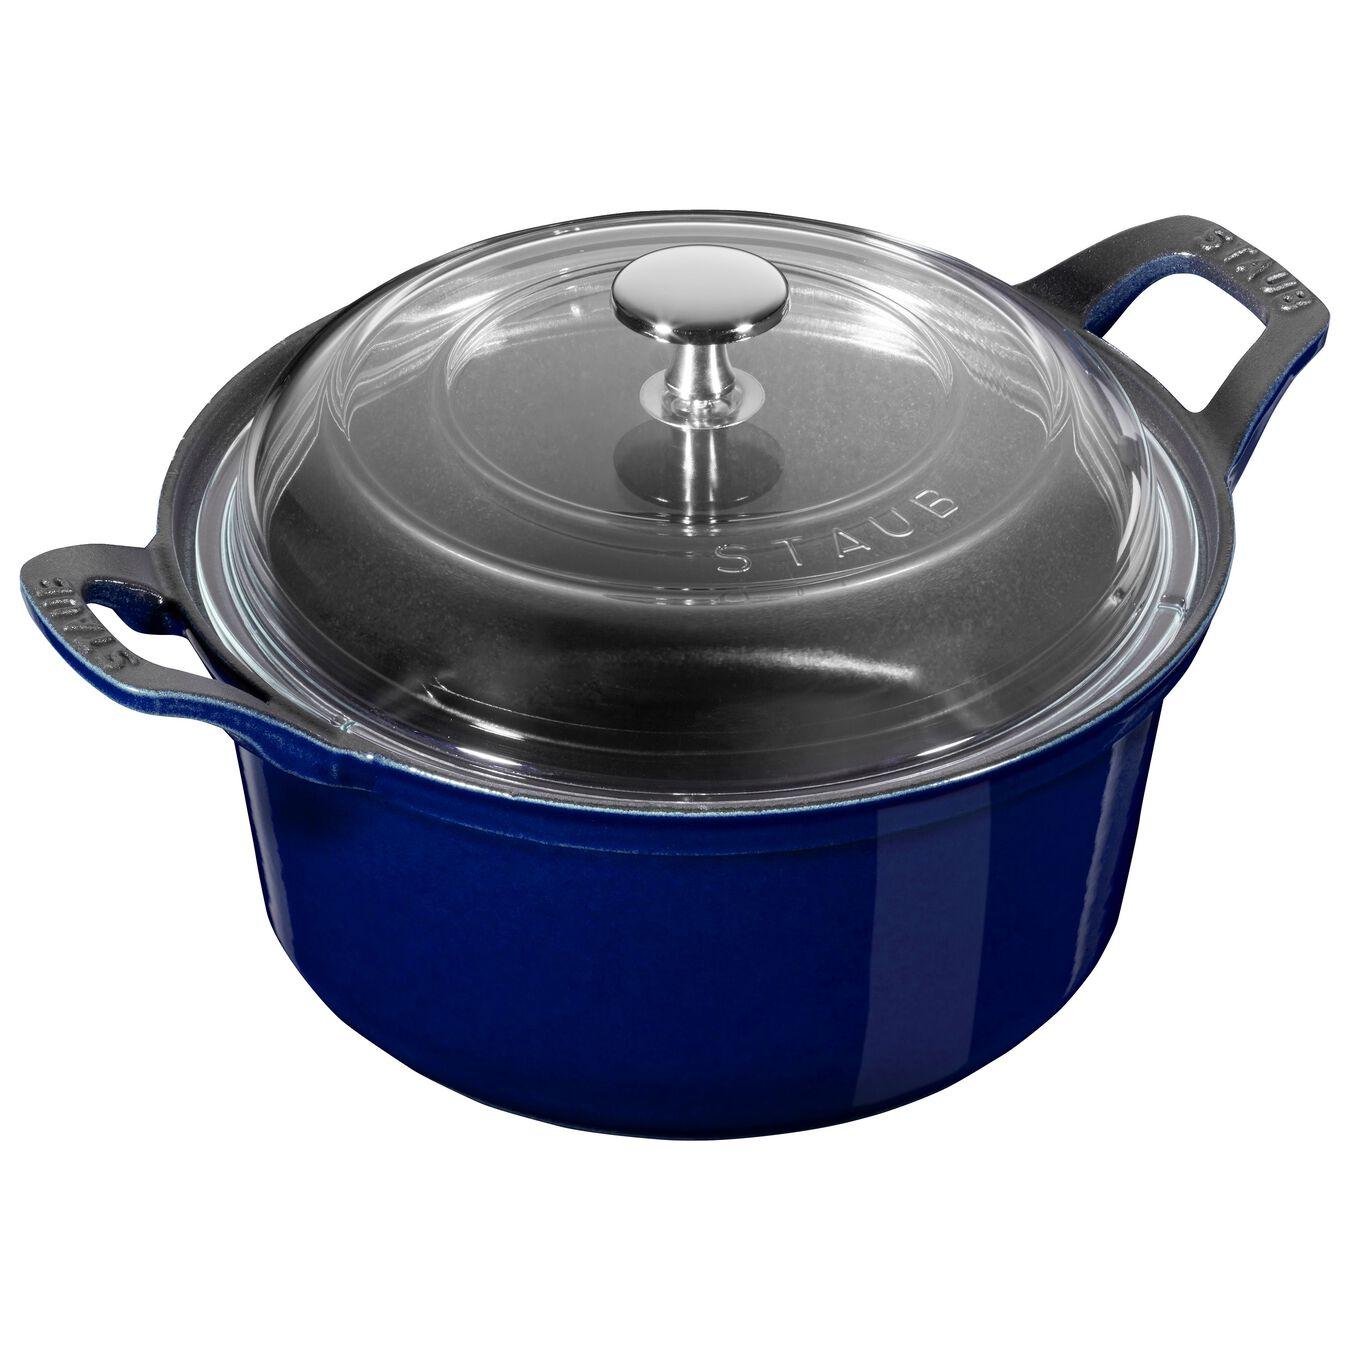 2.5 qt, La Coquette with lid, dark blue,,large 1